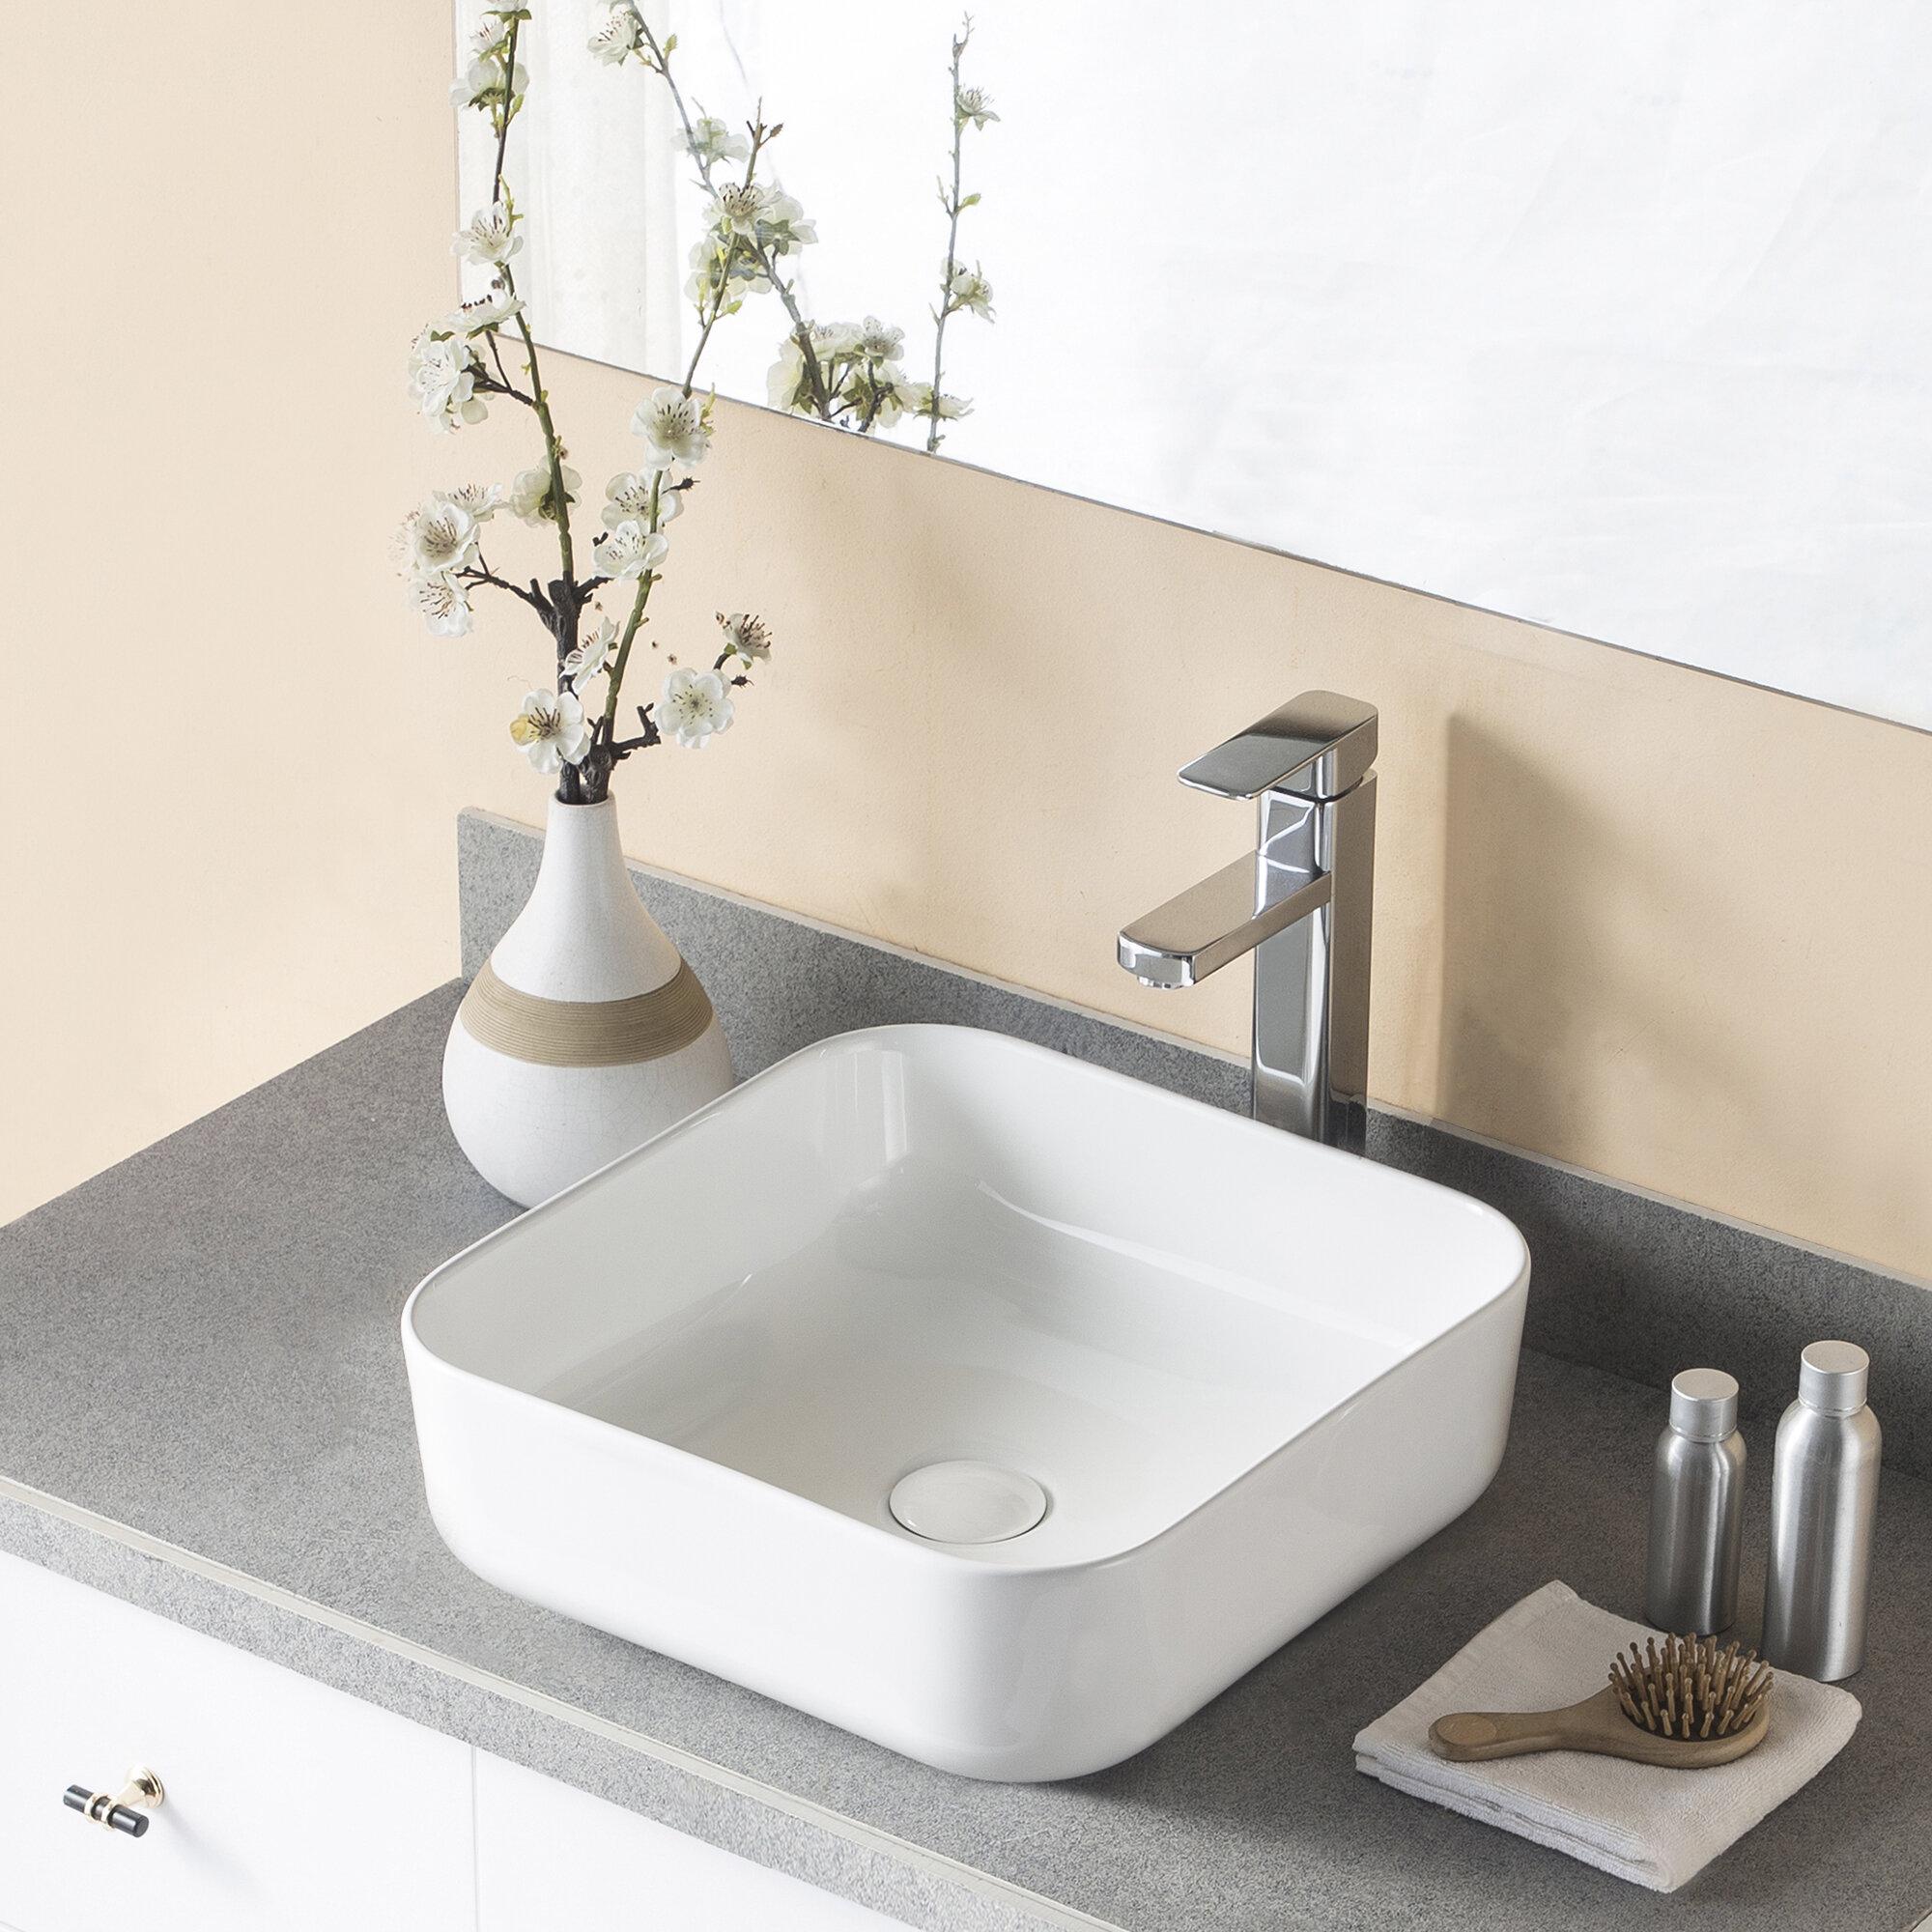 Deervalley White Ceramic Square Vessel Bathroom Sink Reviews Wayfair